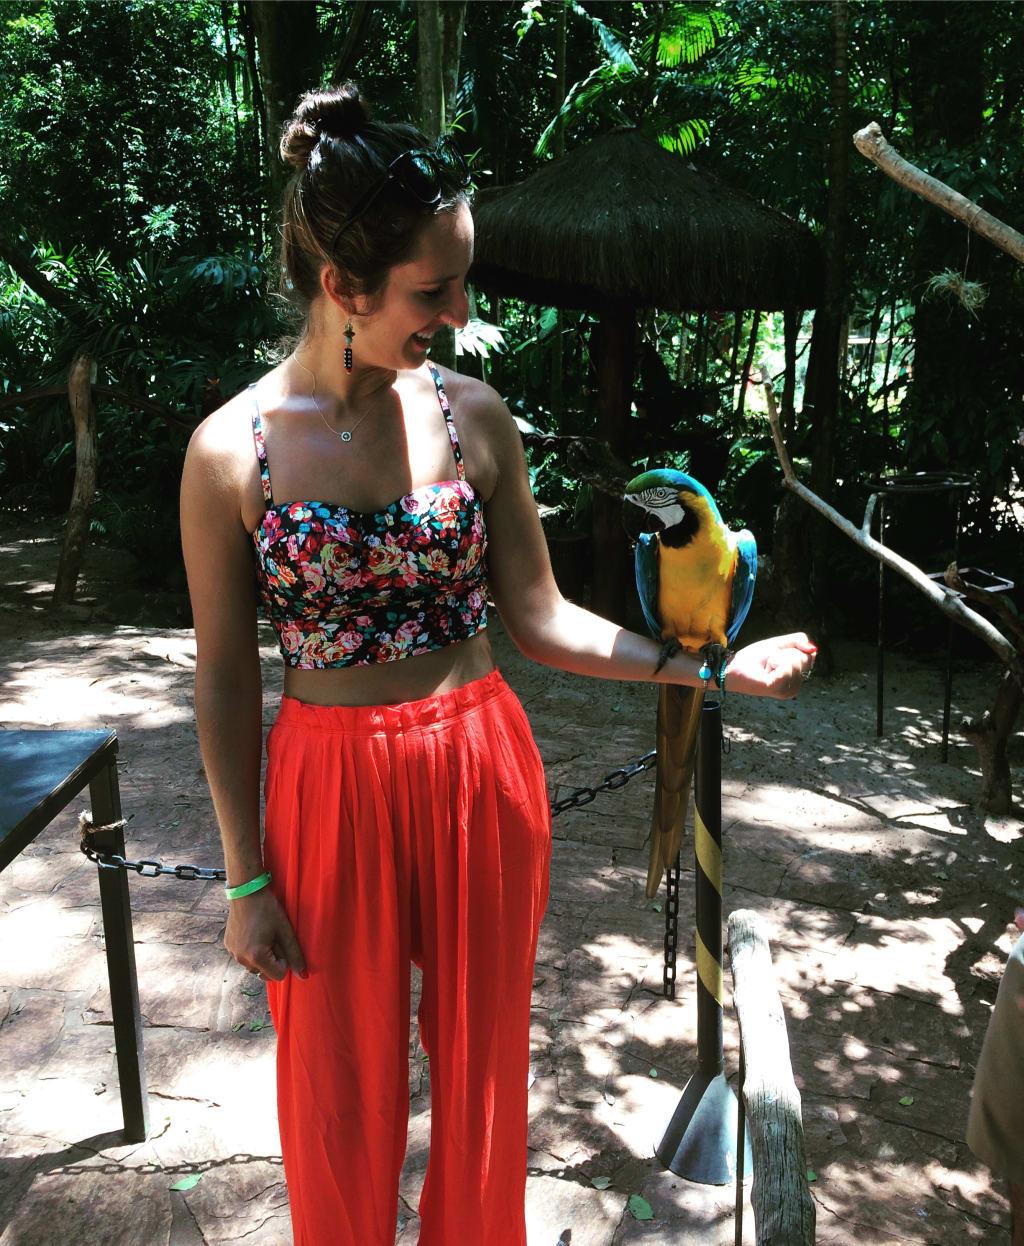 women-exploring-parque-das-aves-in-rio-de-janeiro